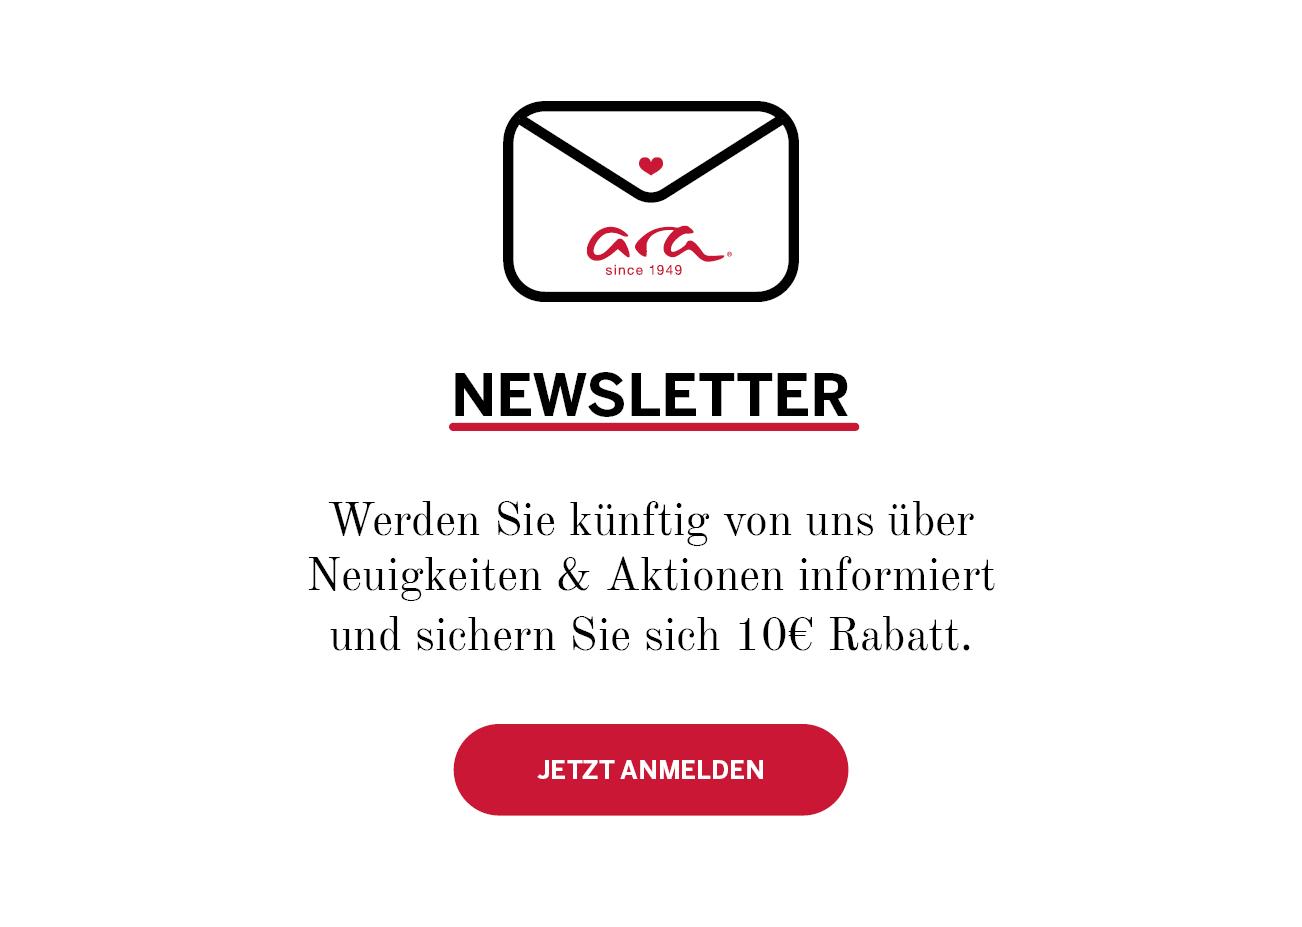 Ara_DE_Newseltter_Anmeldung